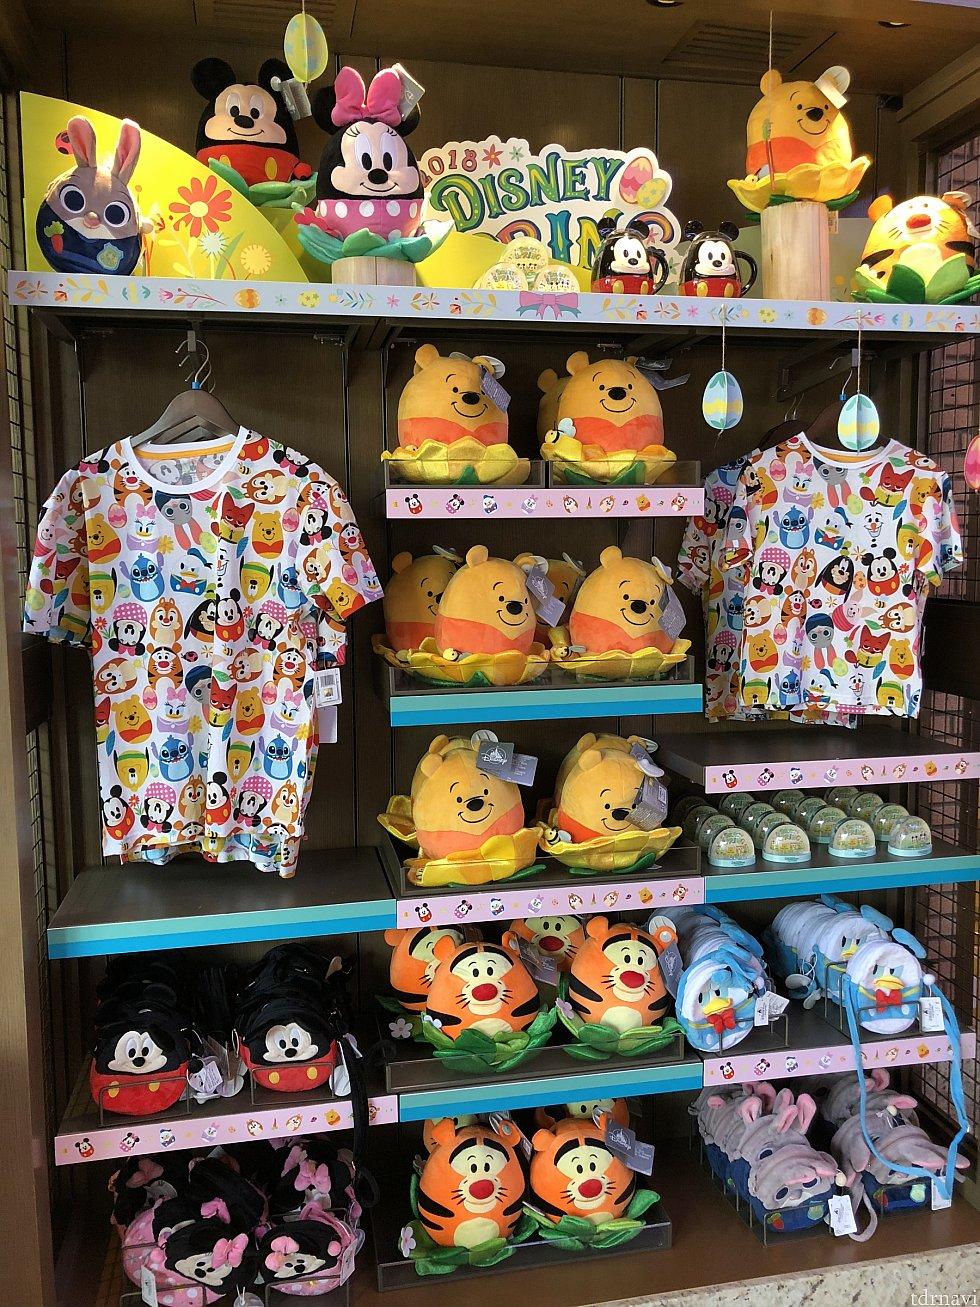 Tシャツ 大人用 149元 子ども用 119元。 たまご柄が可愛い!生地は割と薄めでした